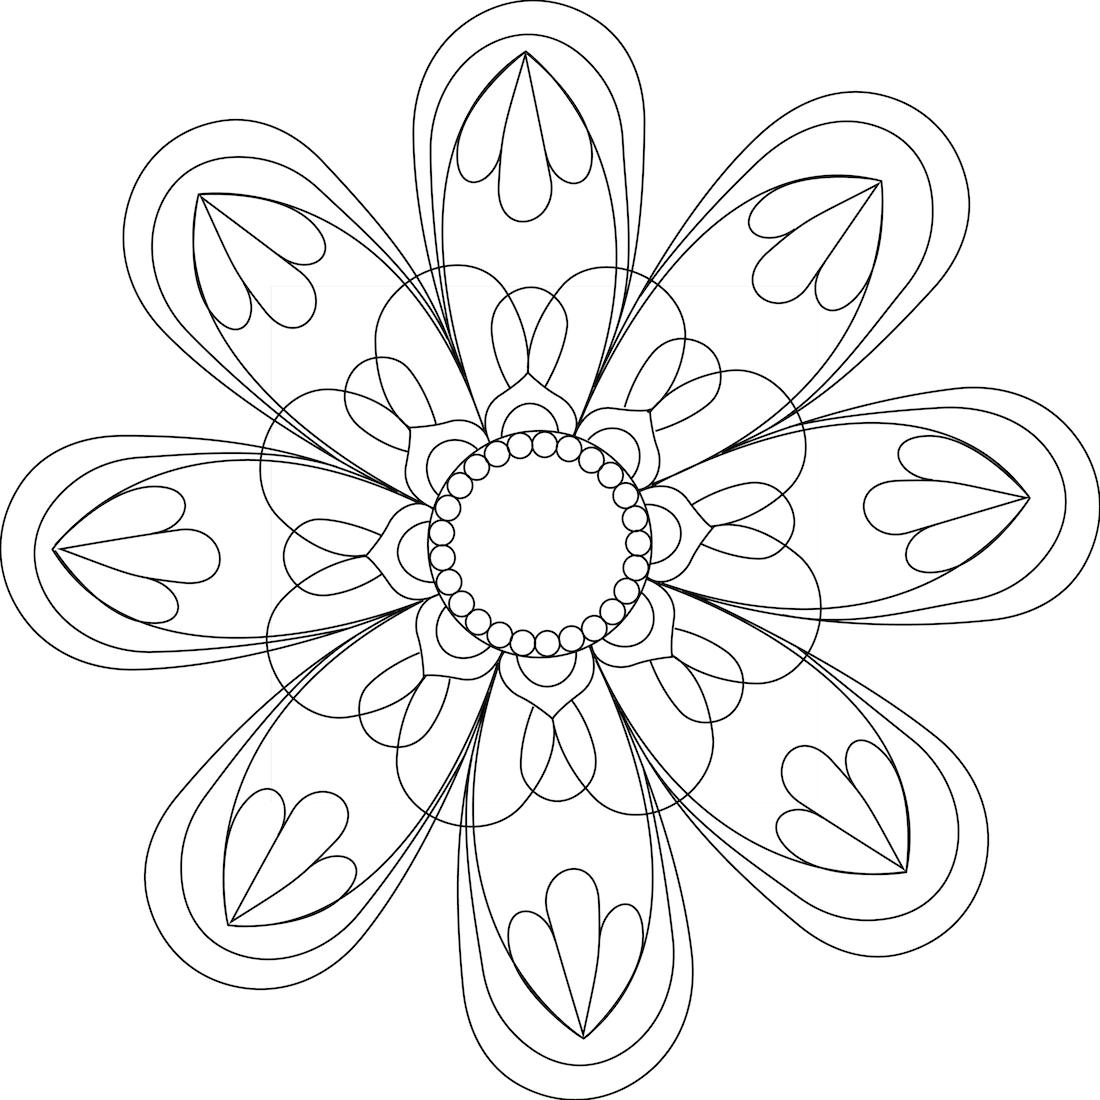 Dibujo de Paz y Amor para colorear | photoshop | Pinterest ...